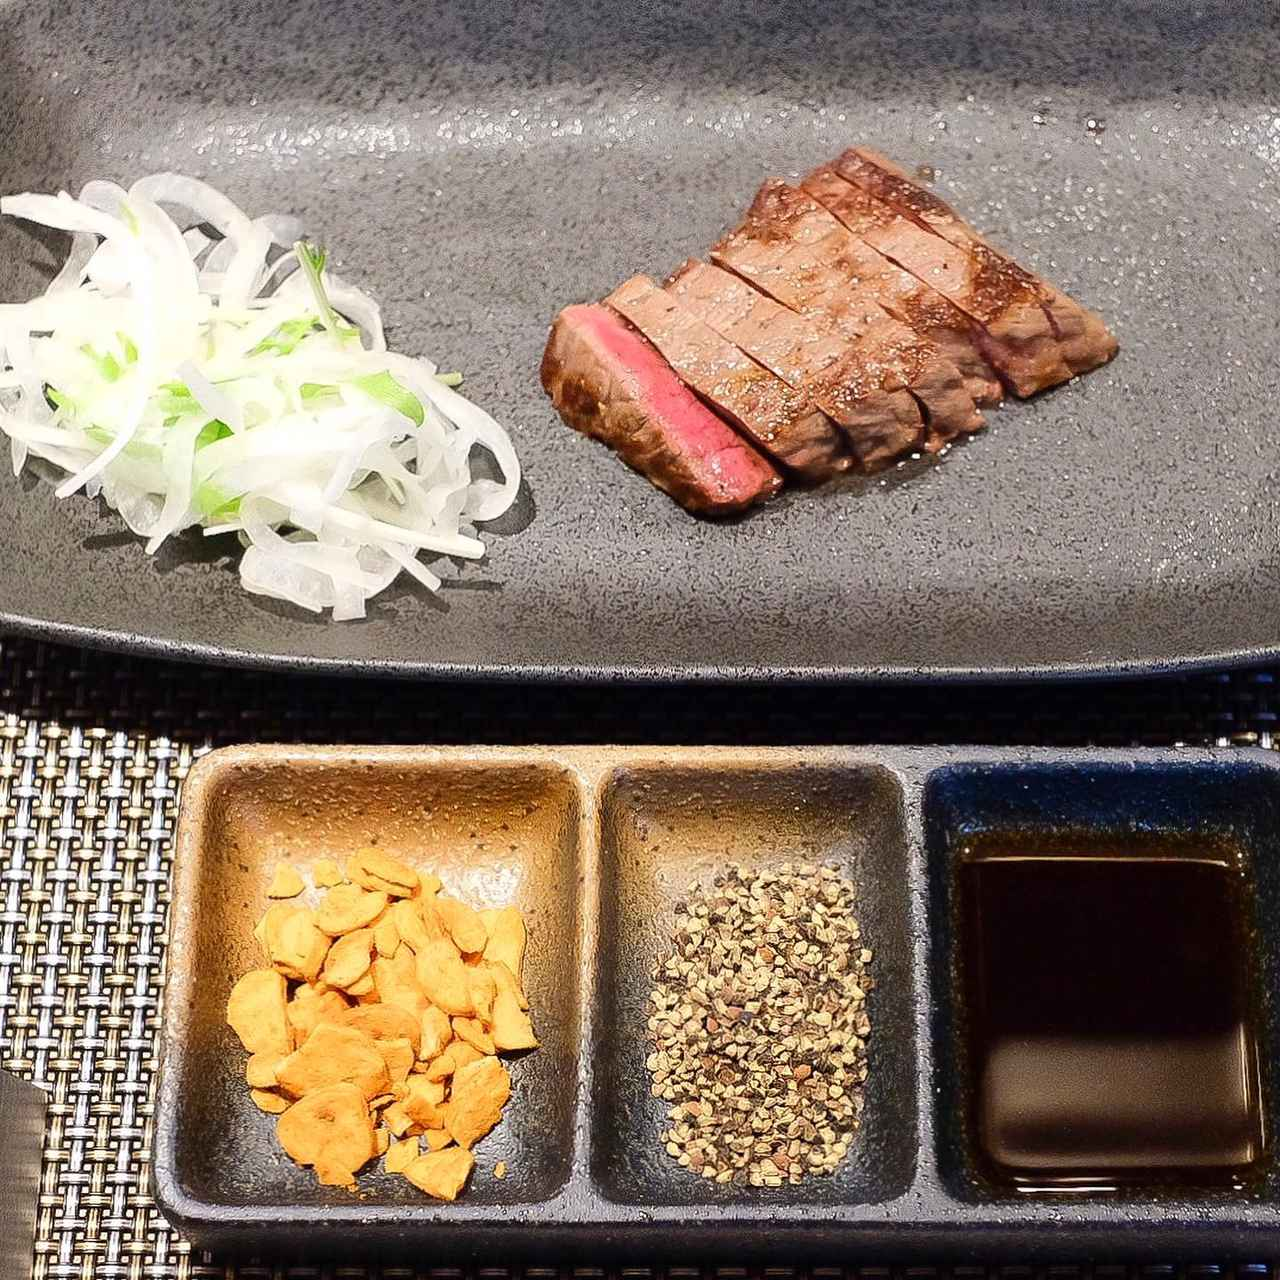 画像: (左より) しょうゆパウダーがミックスされたガーリックチップ 粗黒胡椒 富士山の水を使用した静岡県産醤油